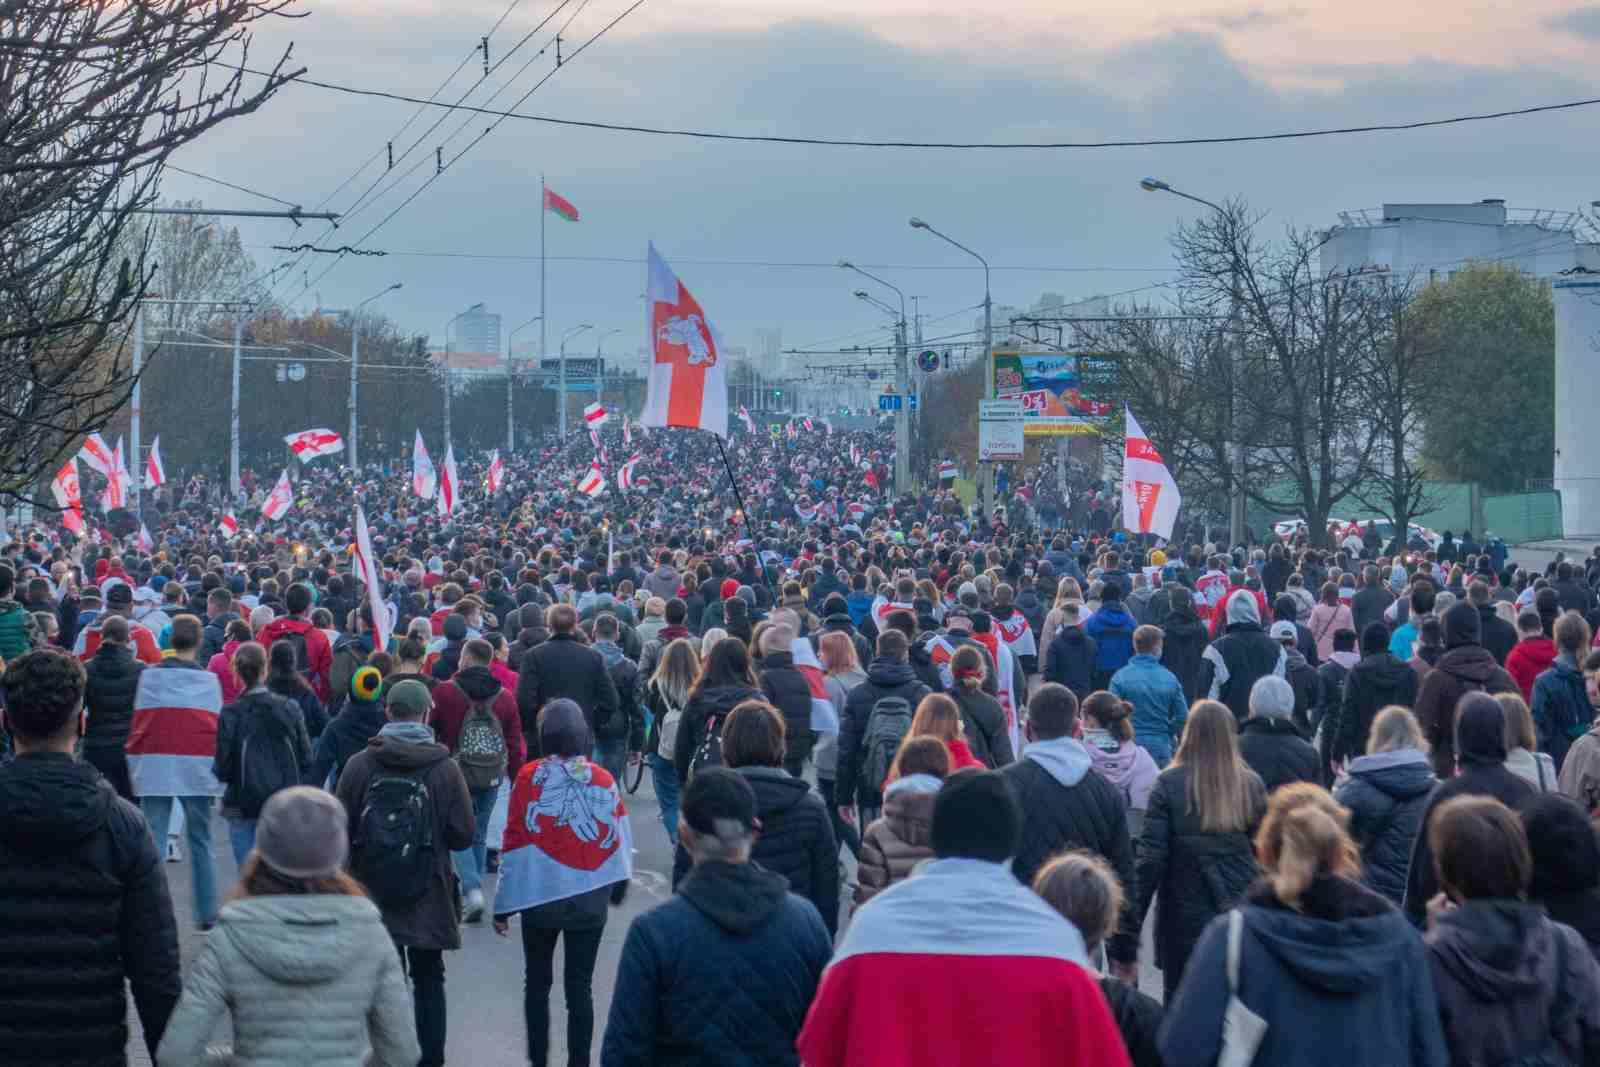 Protest rally against Lukashenko, 25 October 2020. Minsk, Belarus